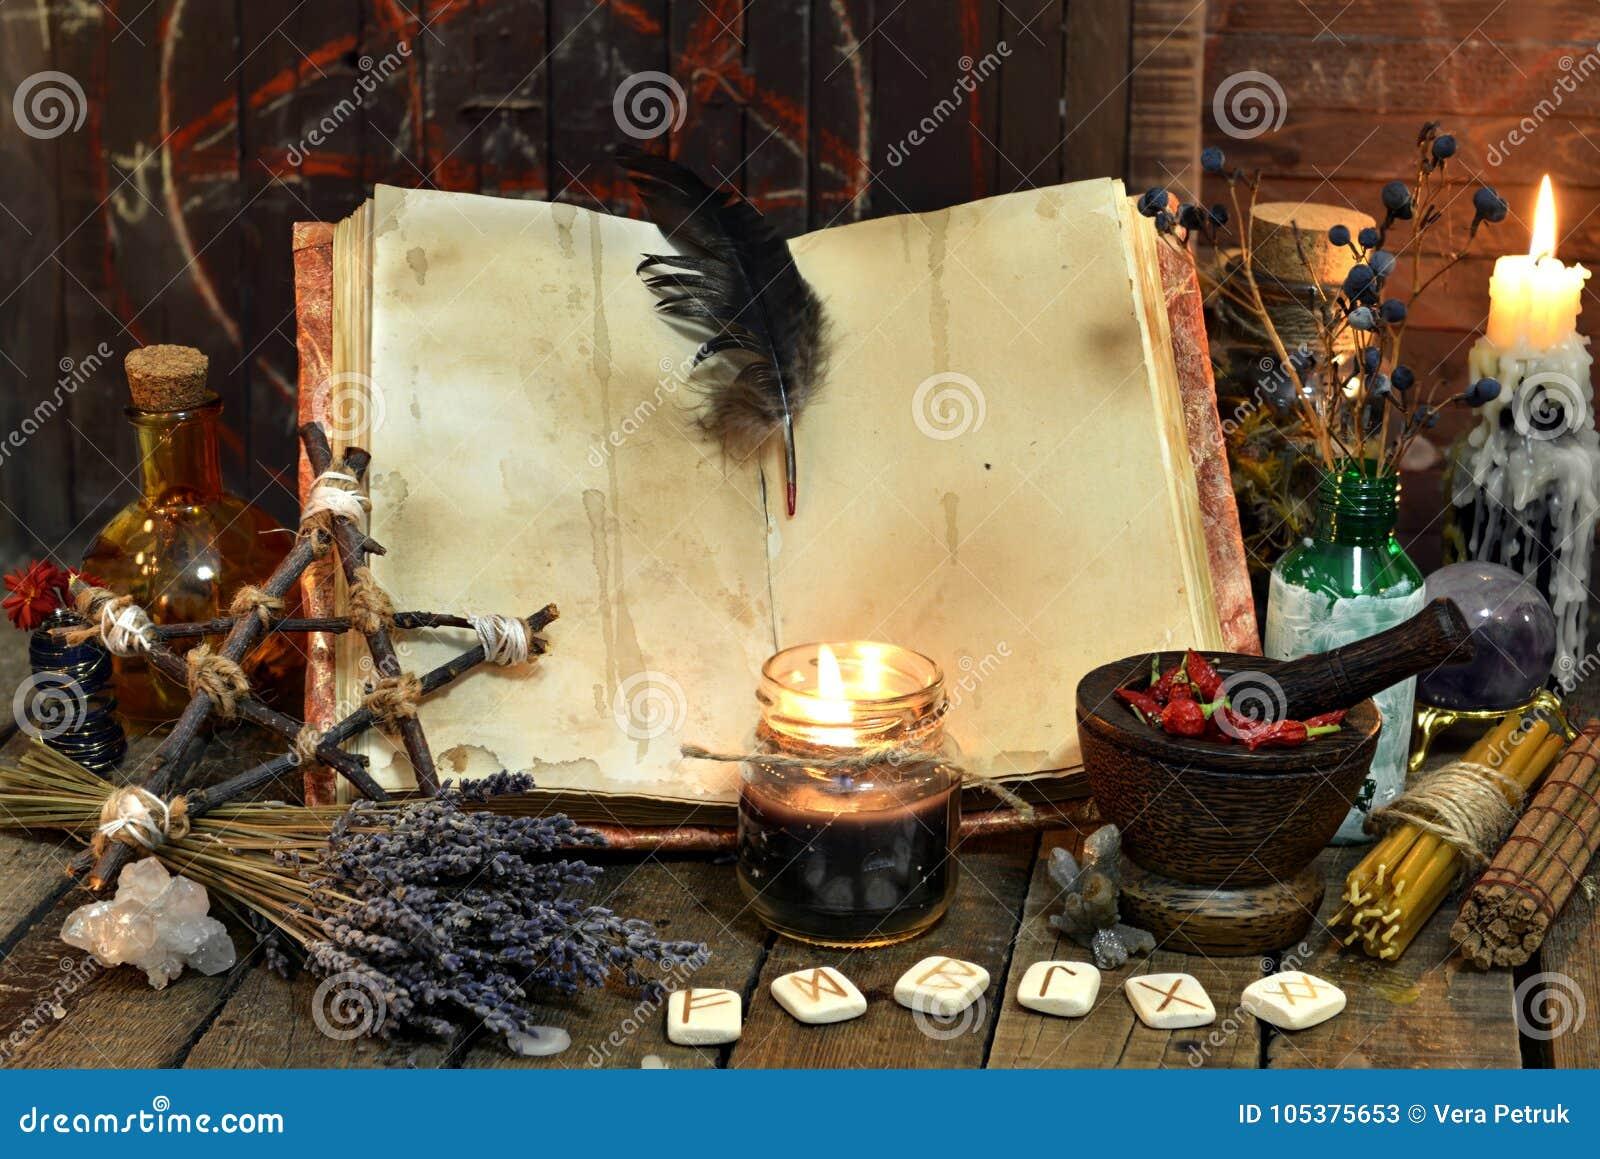 Het oude heksenboek met lege pagina s, lavendelbloemen, pentagram en hekserij heeft bezwaar